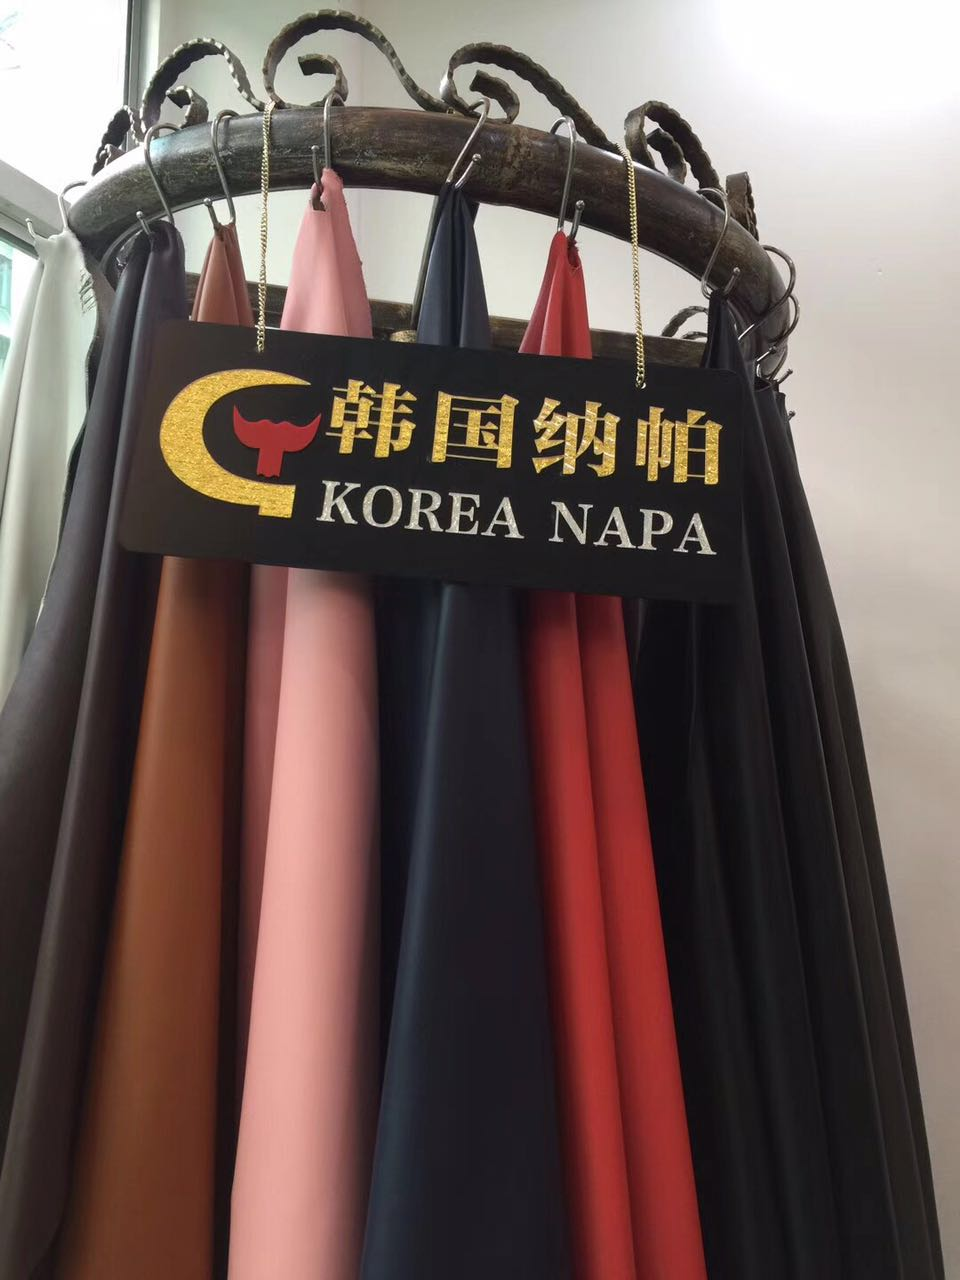 头层牛皮:韩国韩国图片五